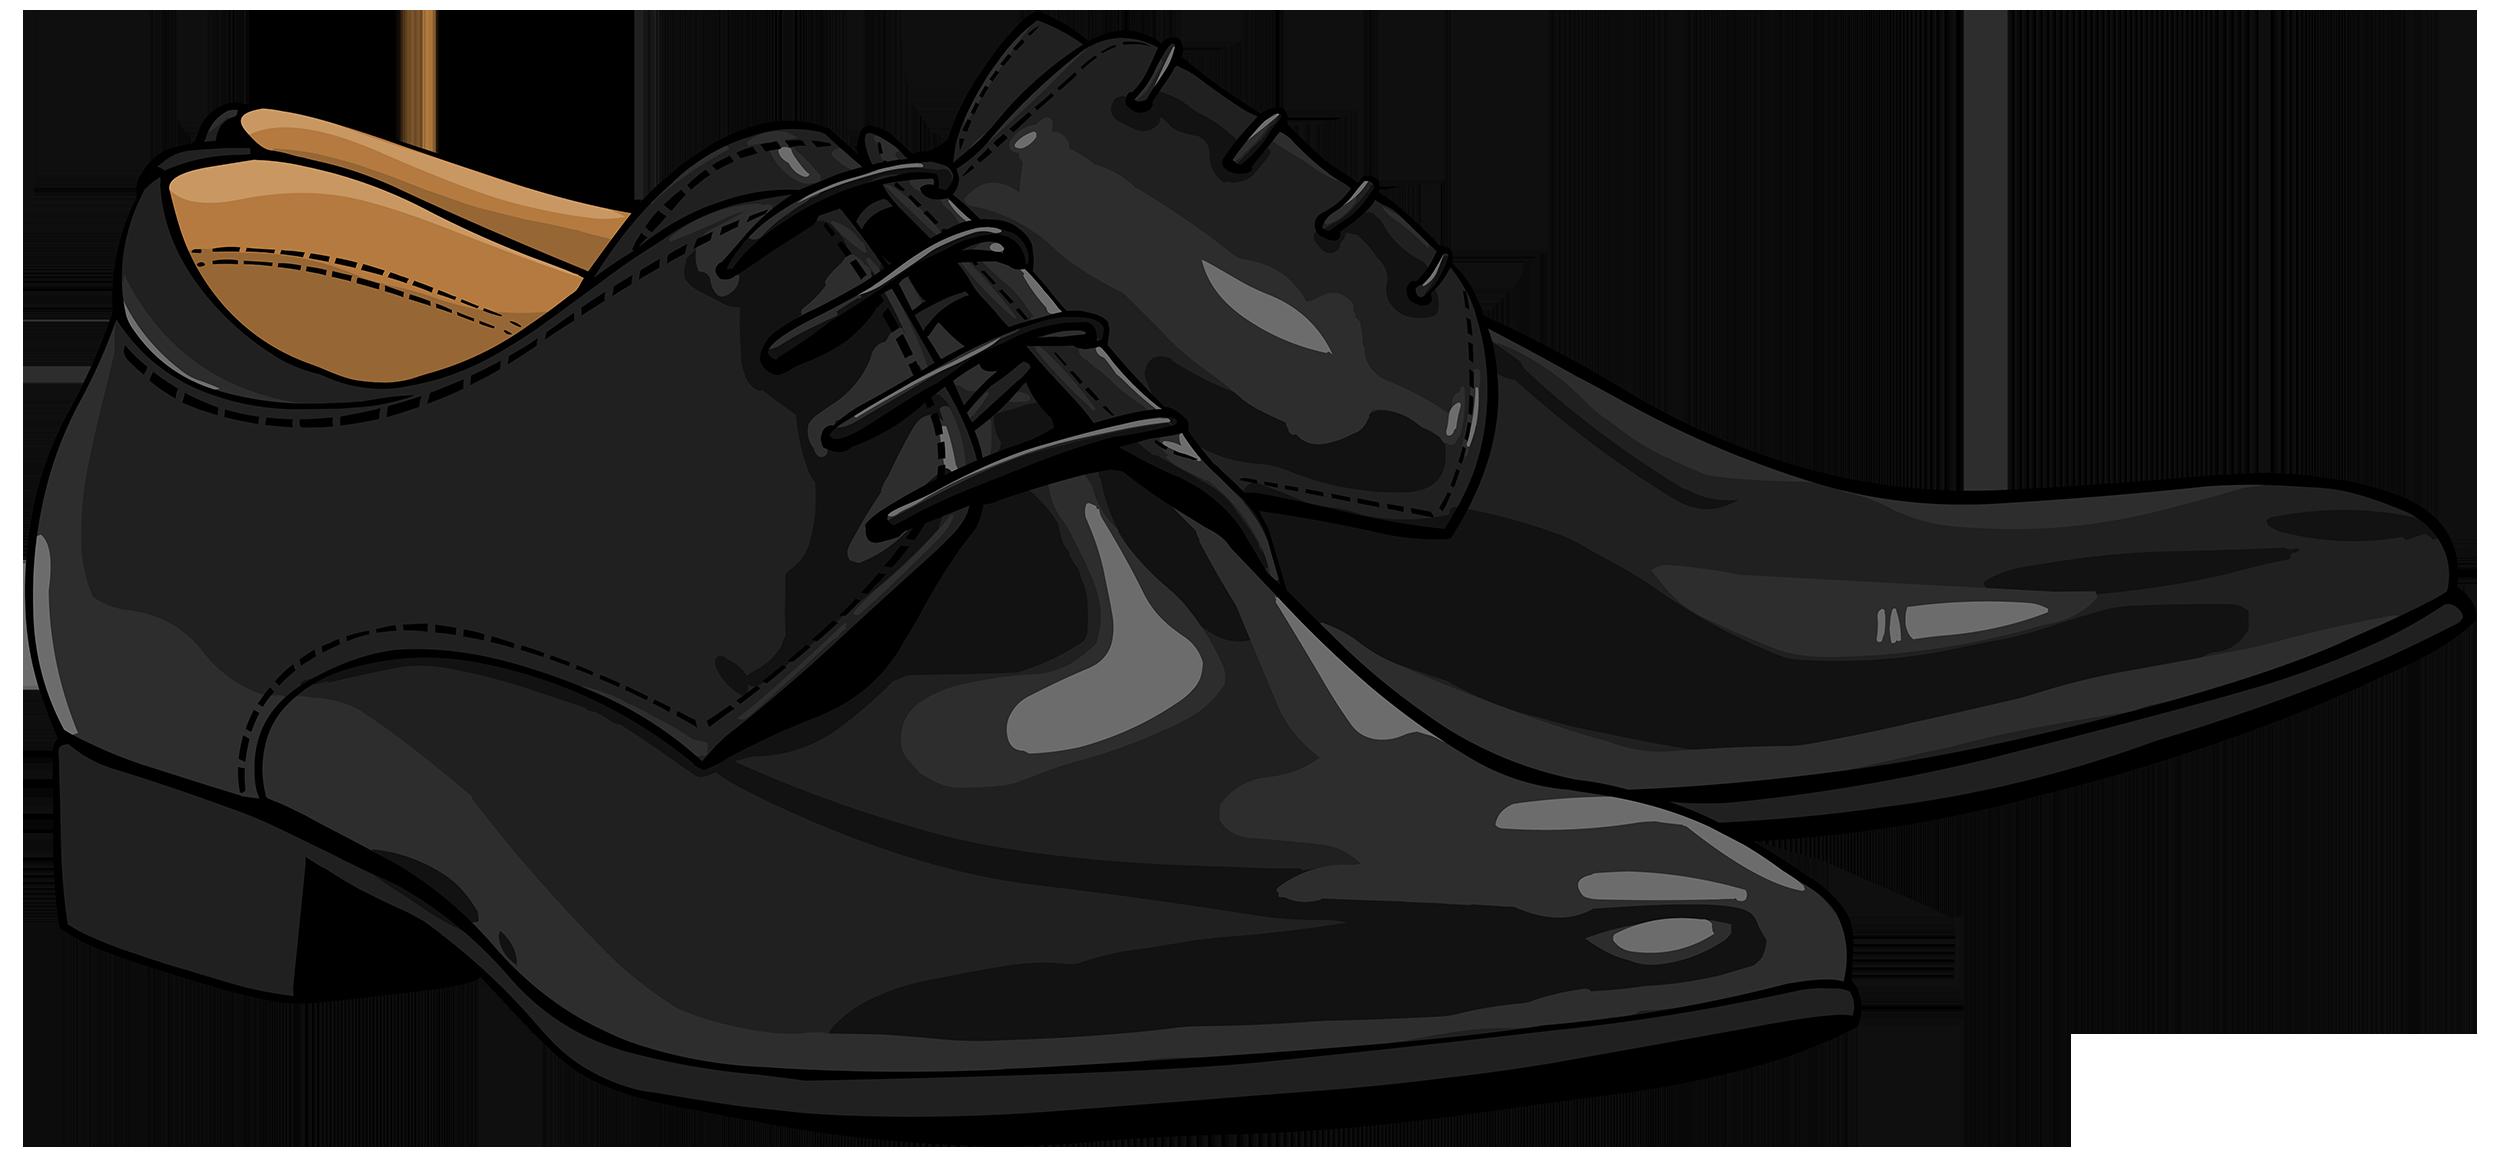 Black men shoes png. Glass clipart shoe